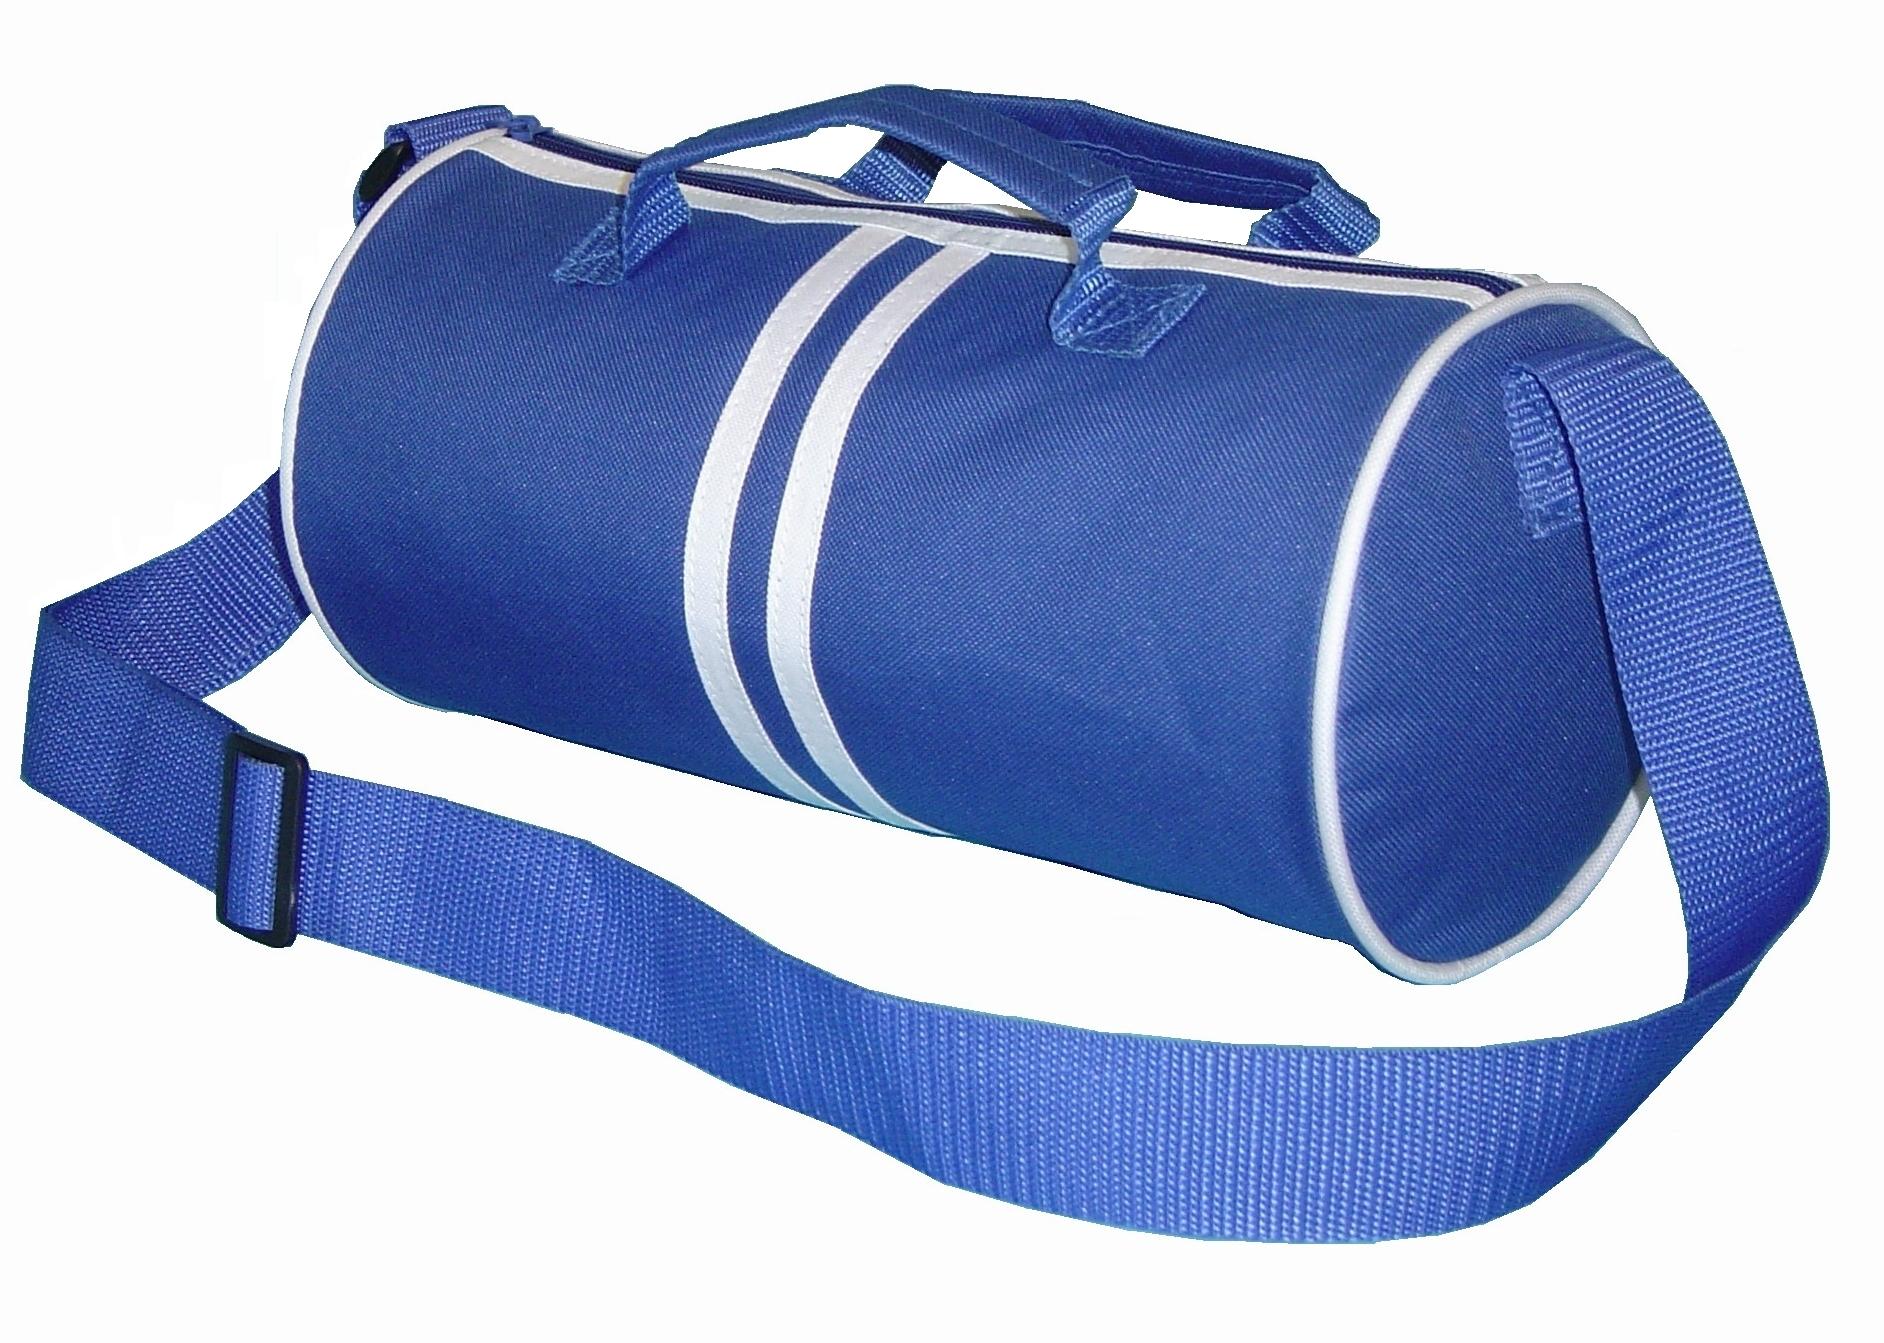 Gym Sports Bags Sunrise Trading Co Bangalore